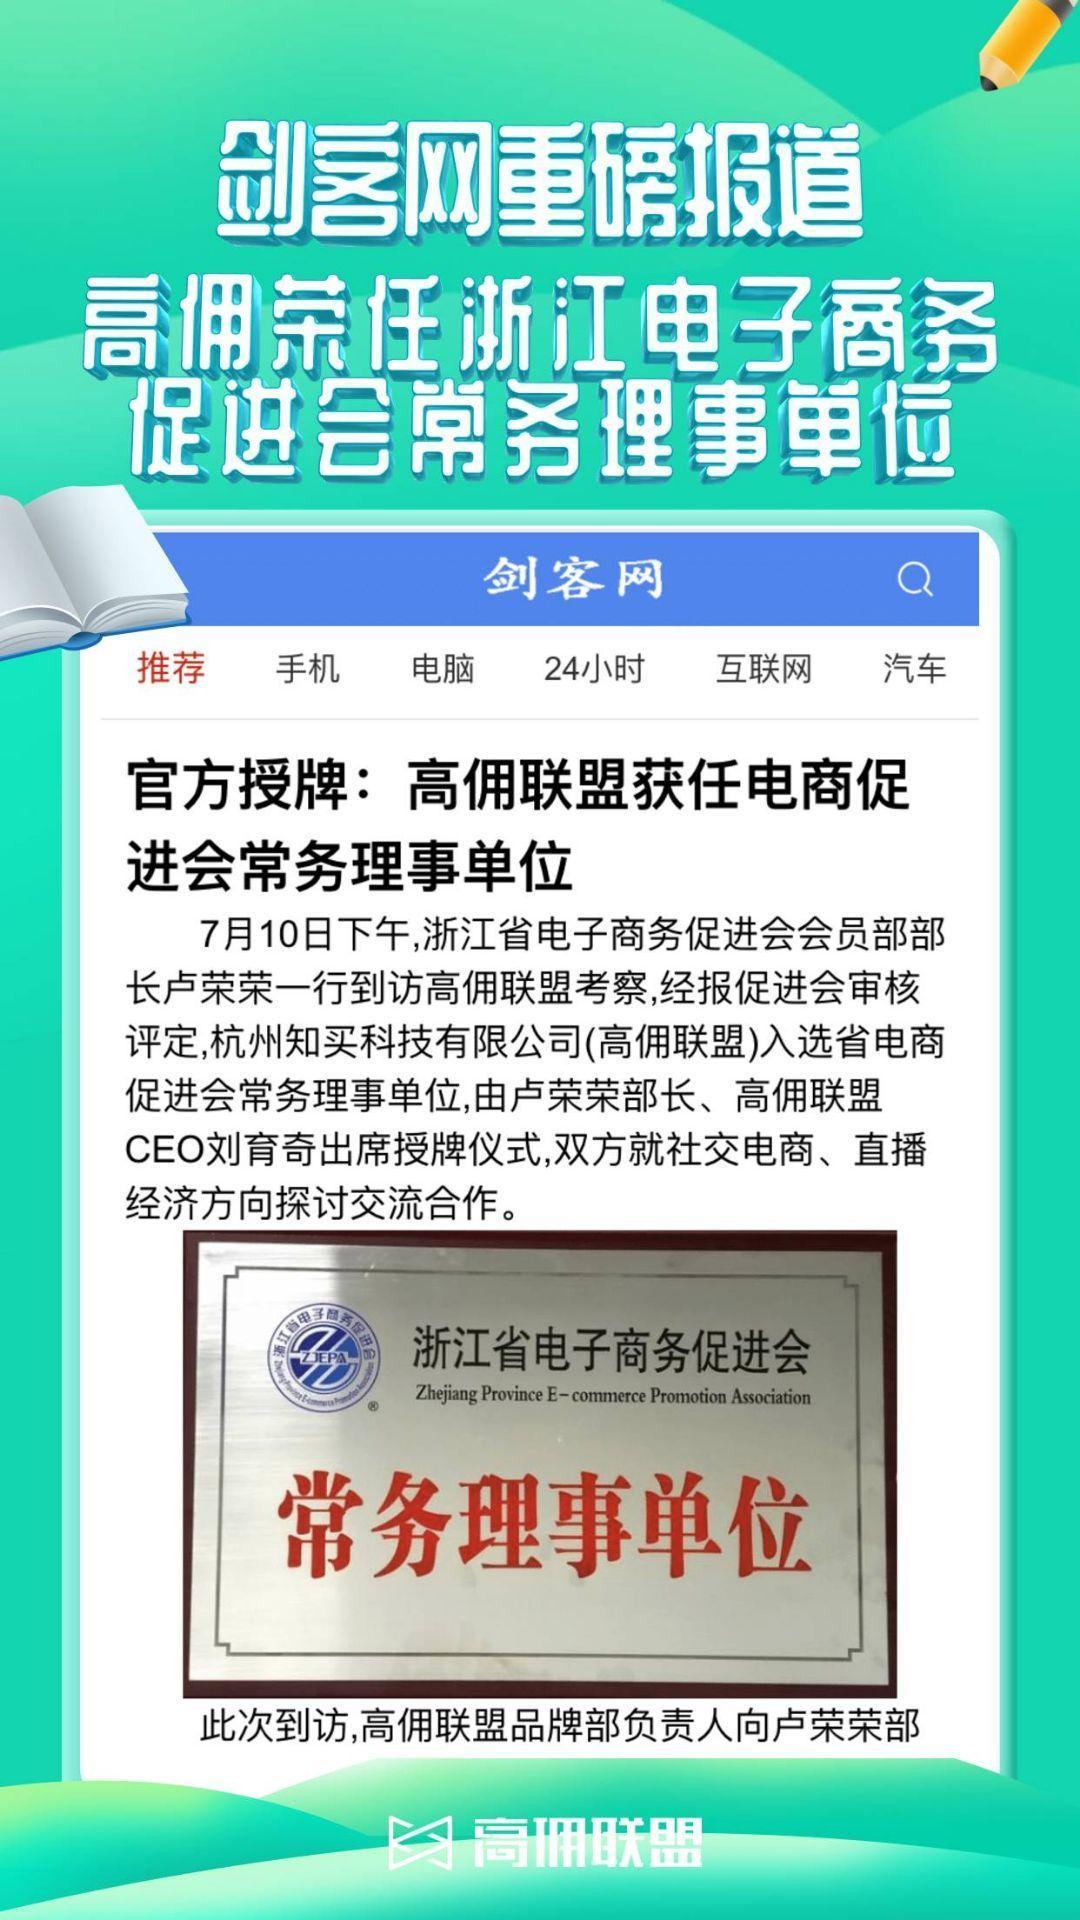 高佣联盟荣任浙江电子商务,促进会常务理事单位